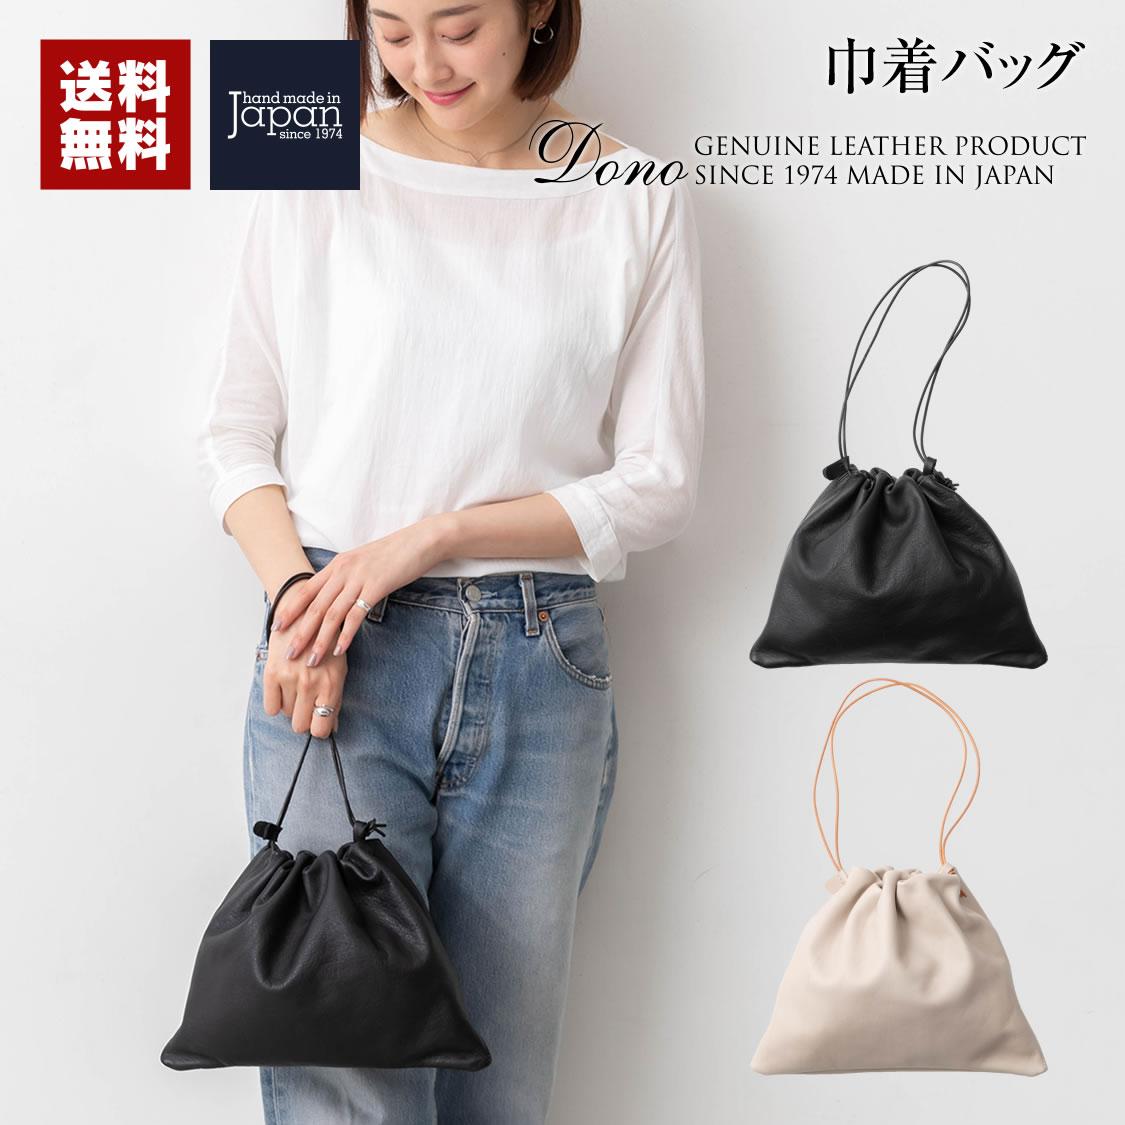 巾着バッグ 革 レディース ショルダー レザー 小さい コンパクト 日本製 おしゃれ 無地 浴衣 ブラック 黒 ベージュ 可愛い